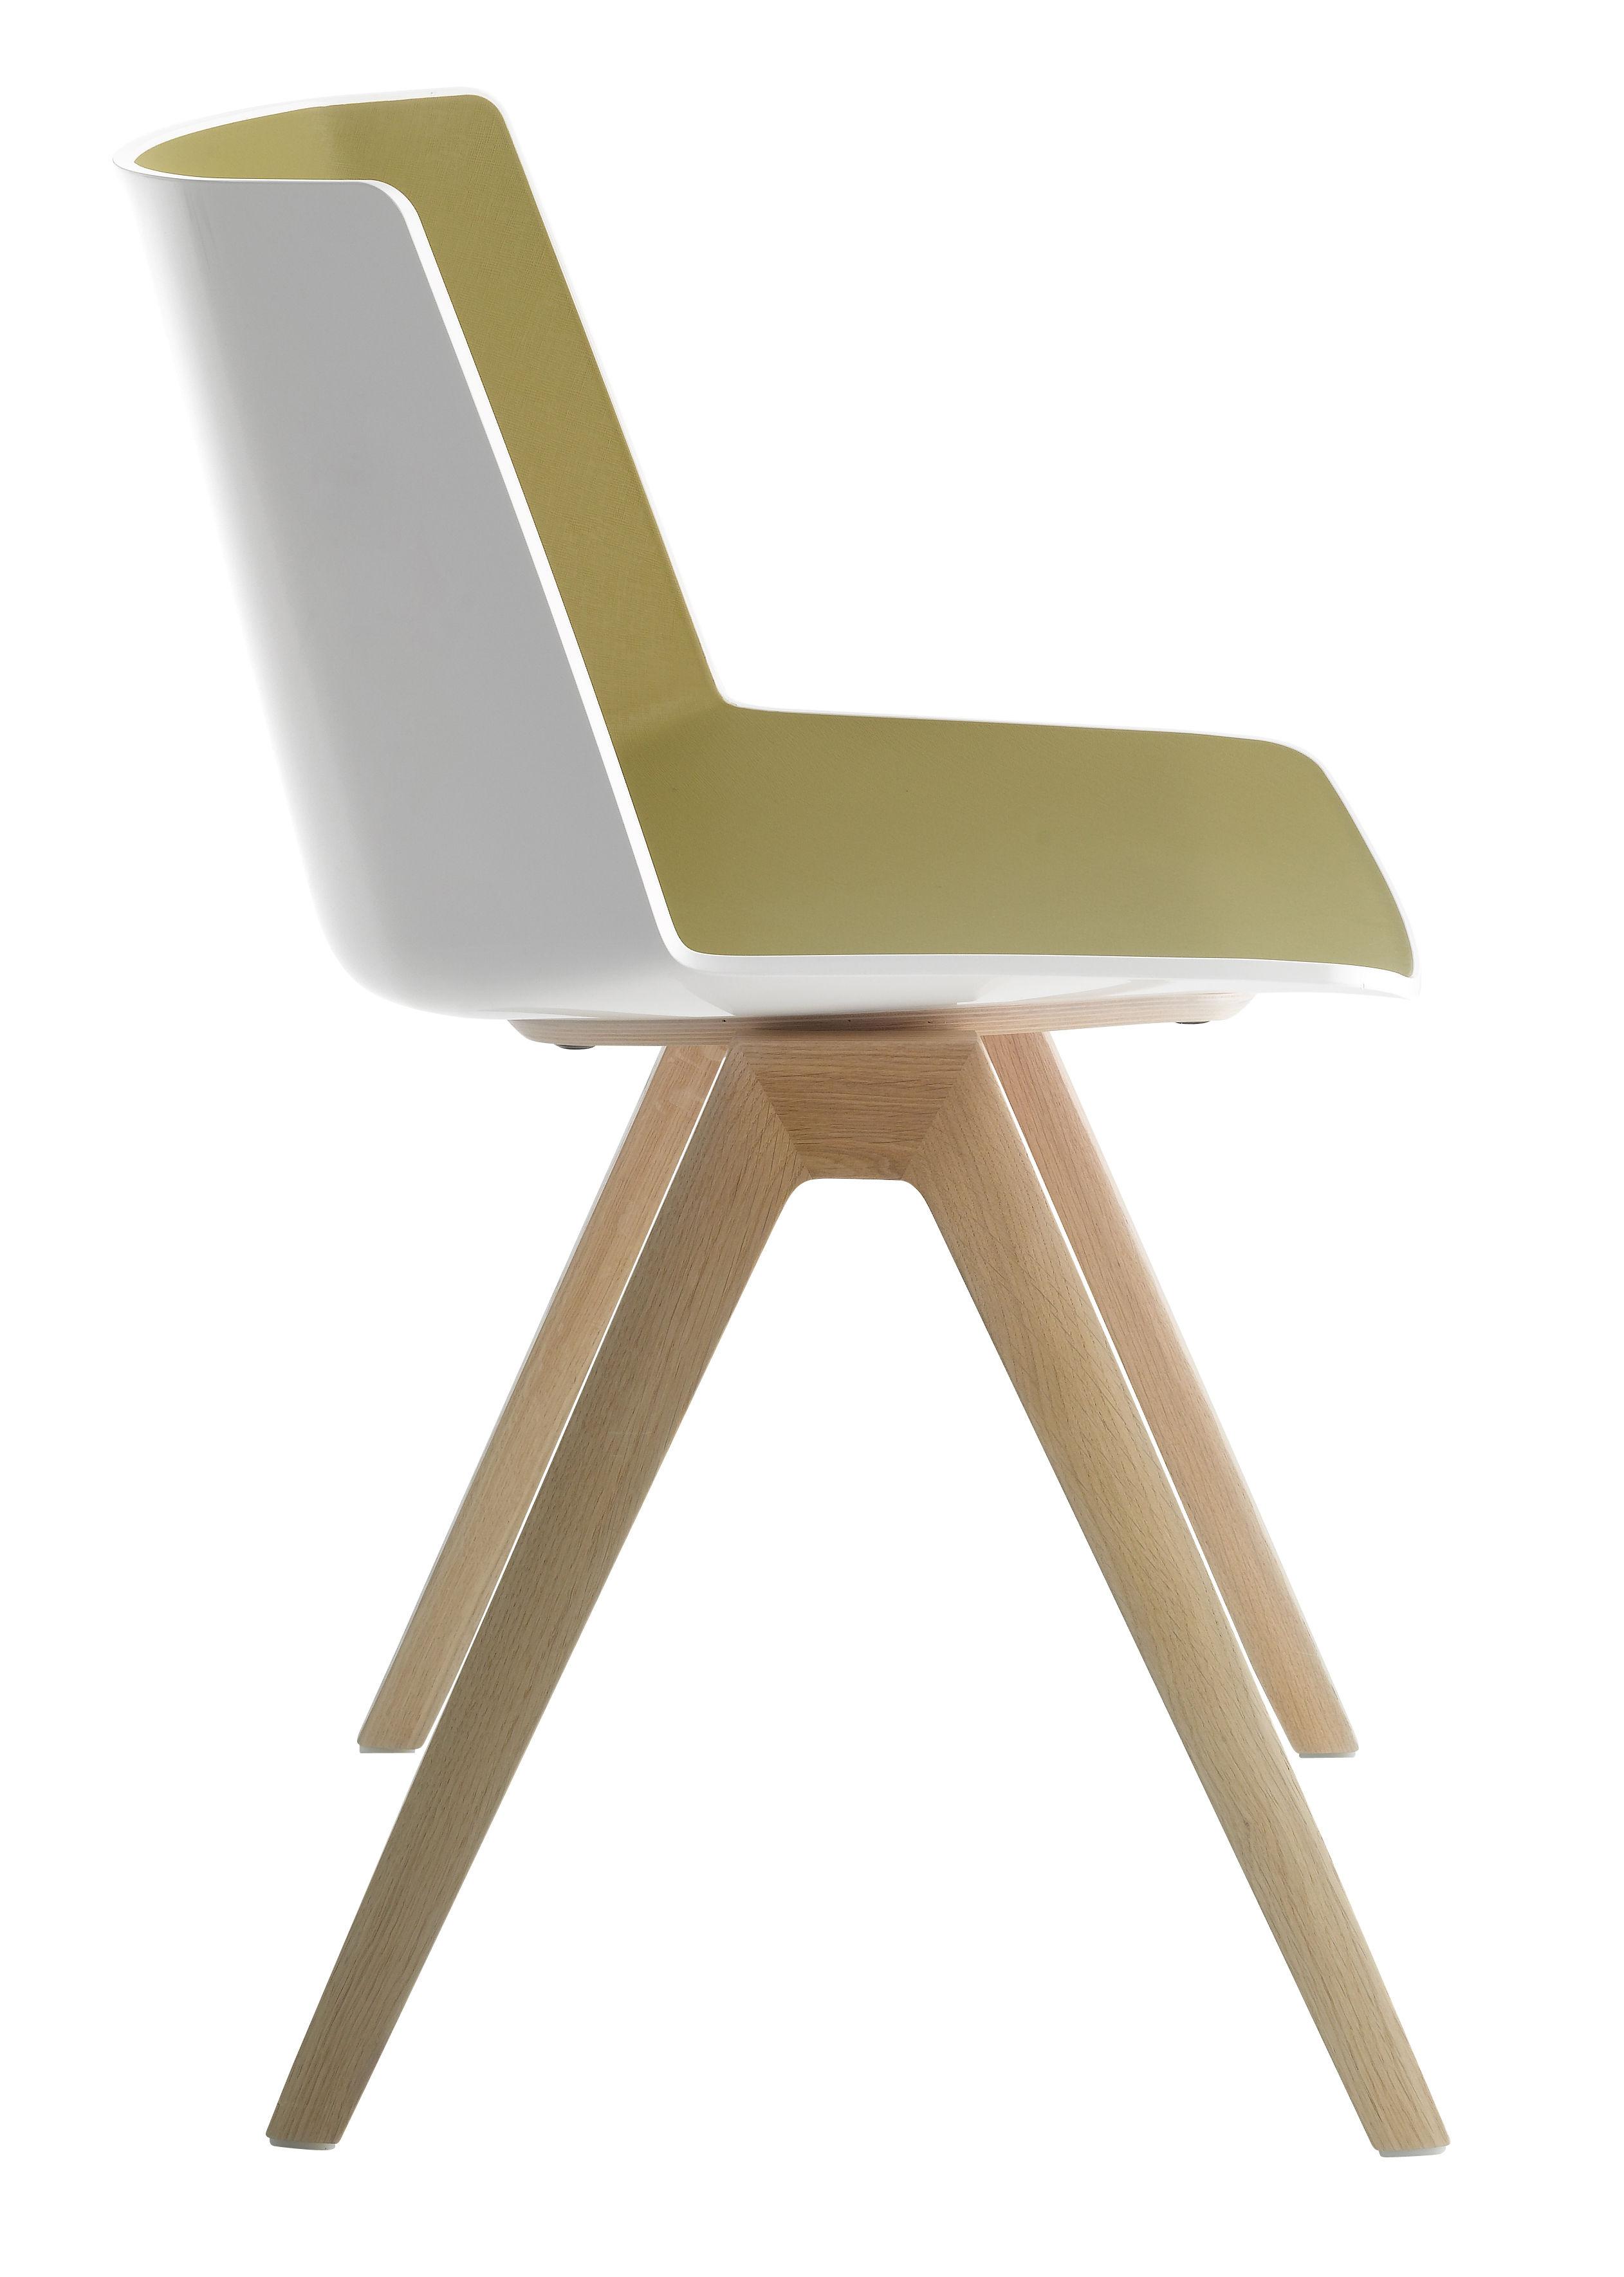 Mobilier - Chaises, fauteuils de salle à manger - Chaise Aïku / Pieds chêne - MDF Italia - Blanc & intérieur vert olive / Pieds chêne - Chêne massif, Polypropylène